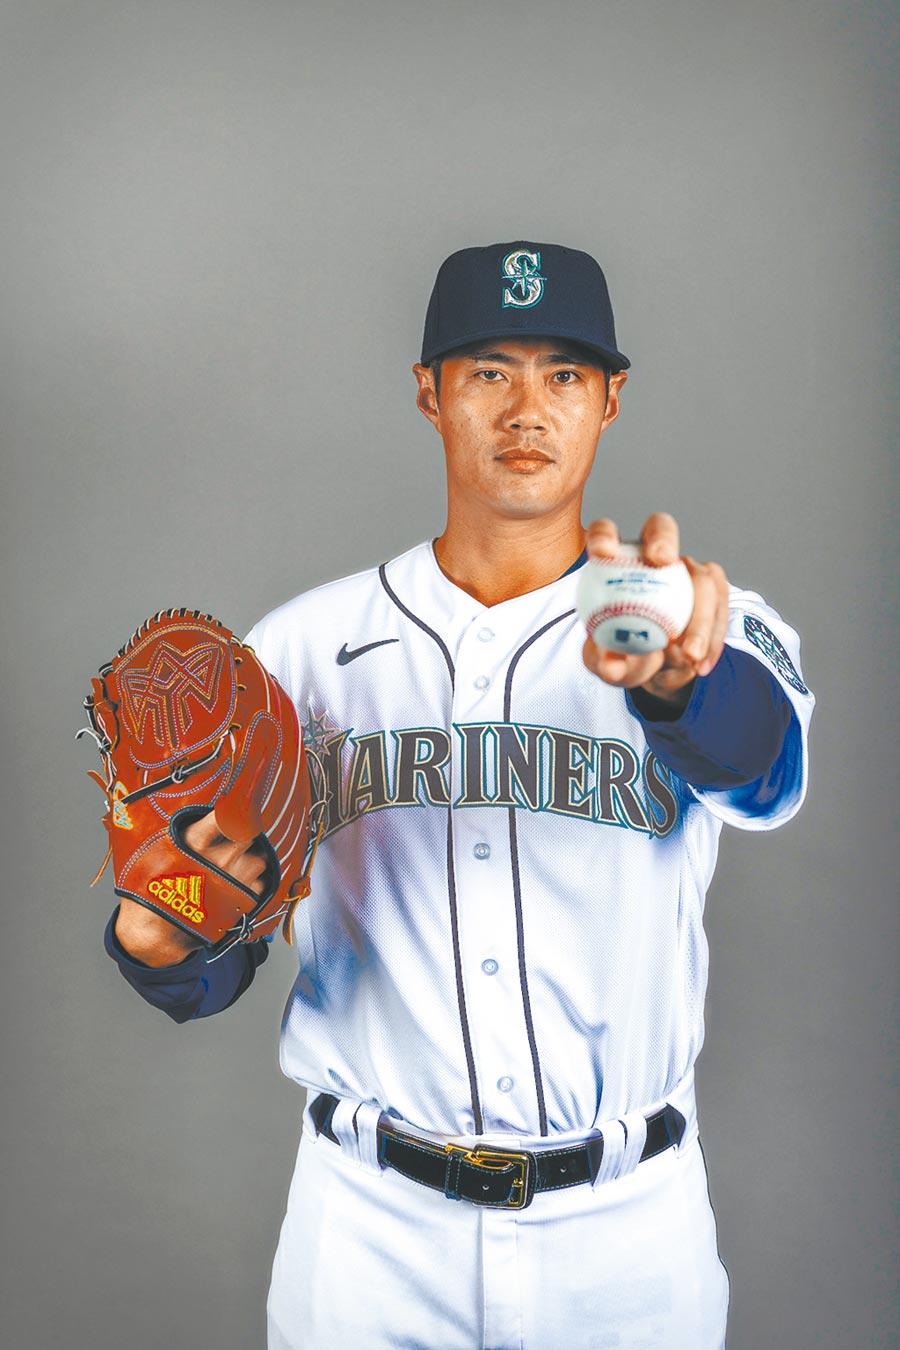 新球季轉戰水手隊的陳偉殷,有機會在27日中繼登板。(路透資料照)